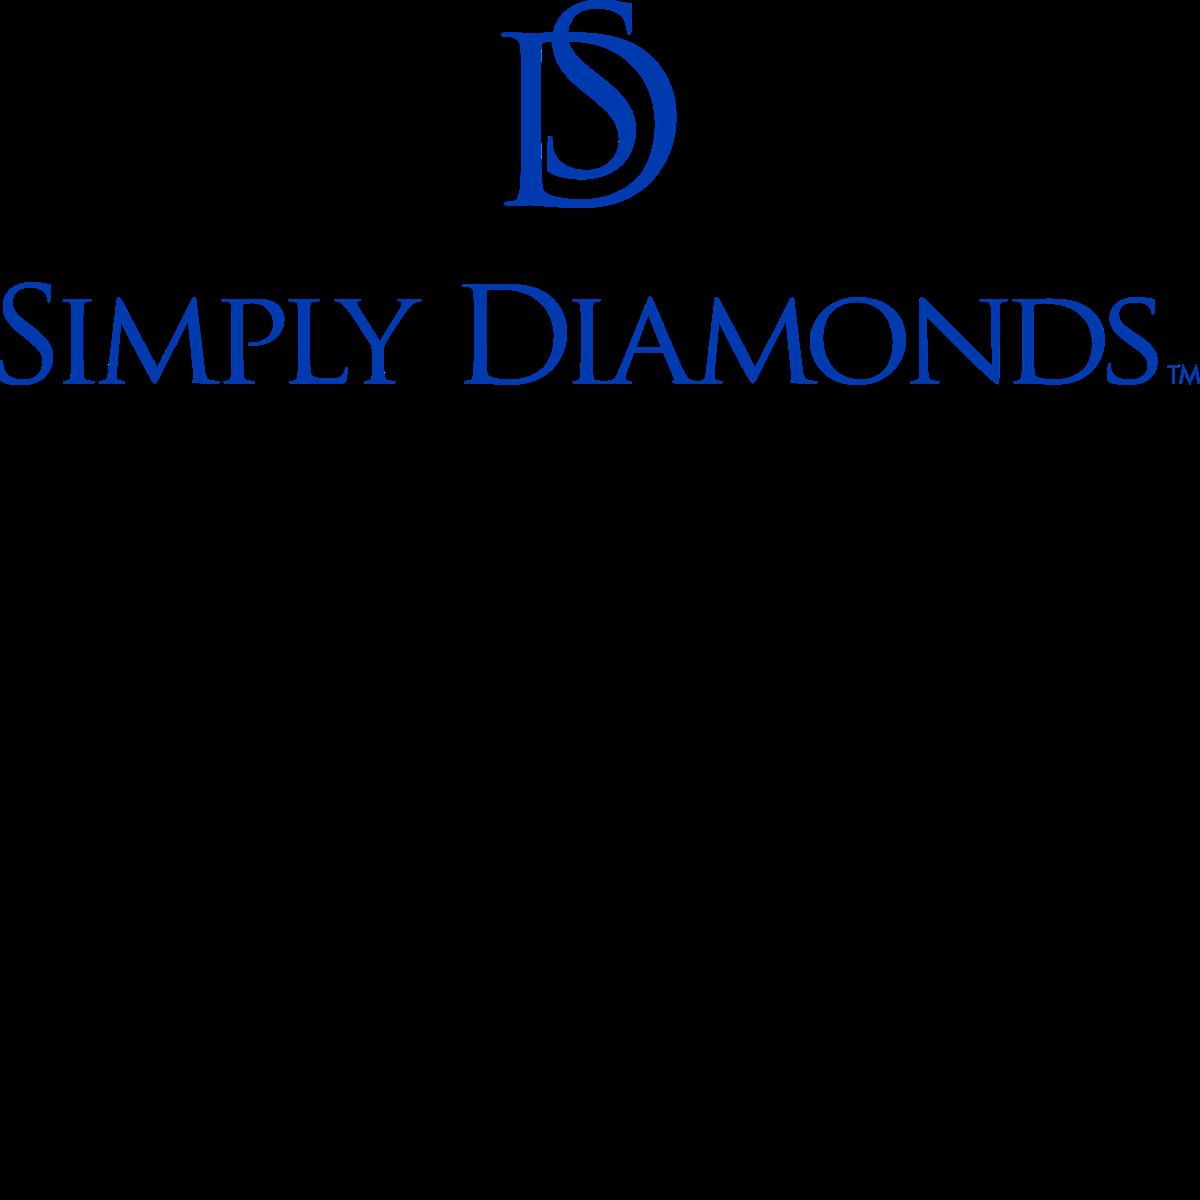 Simply_diamonds_kluh_jewelers